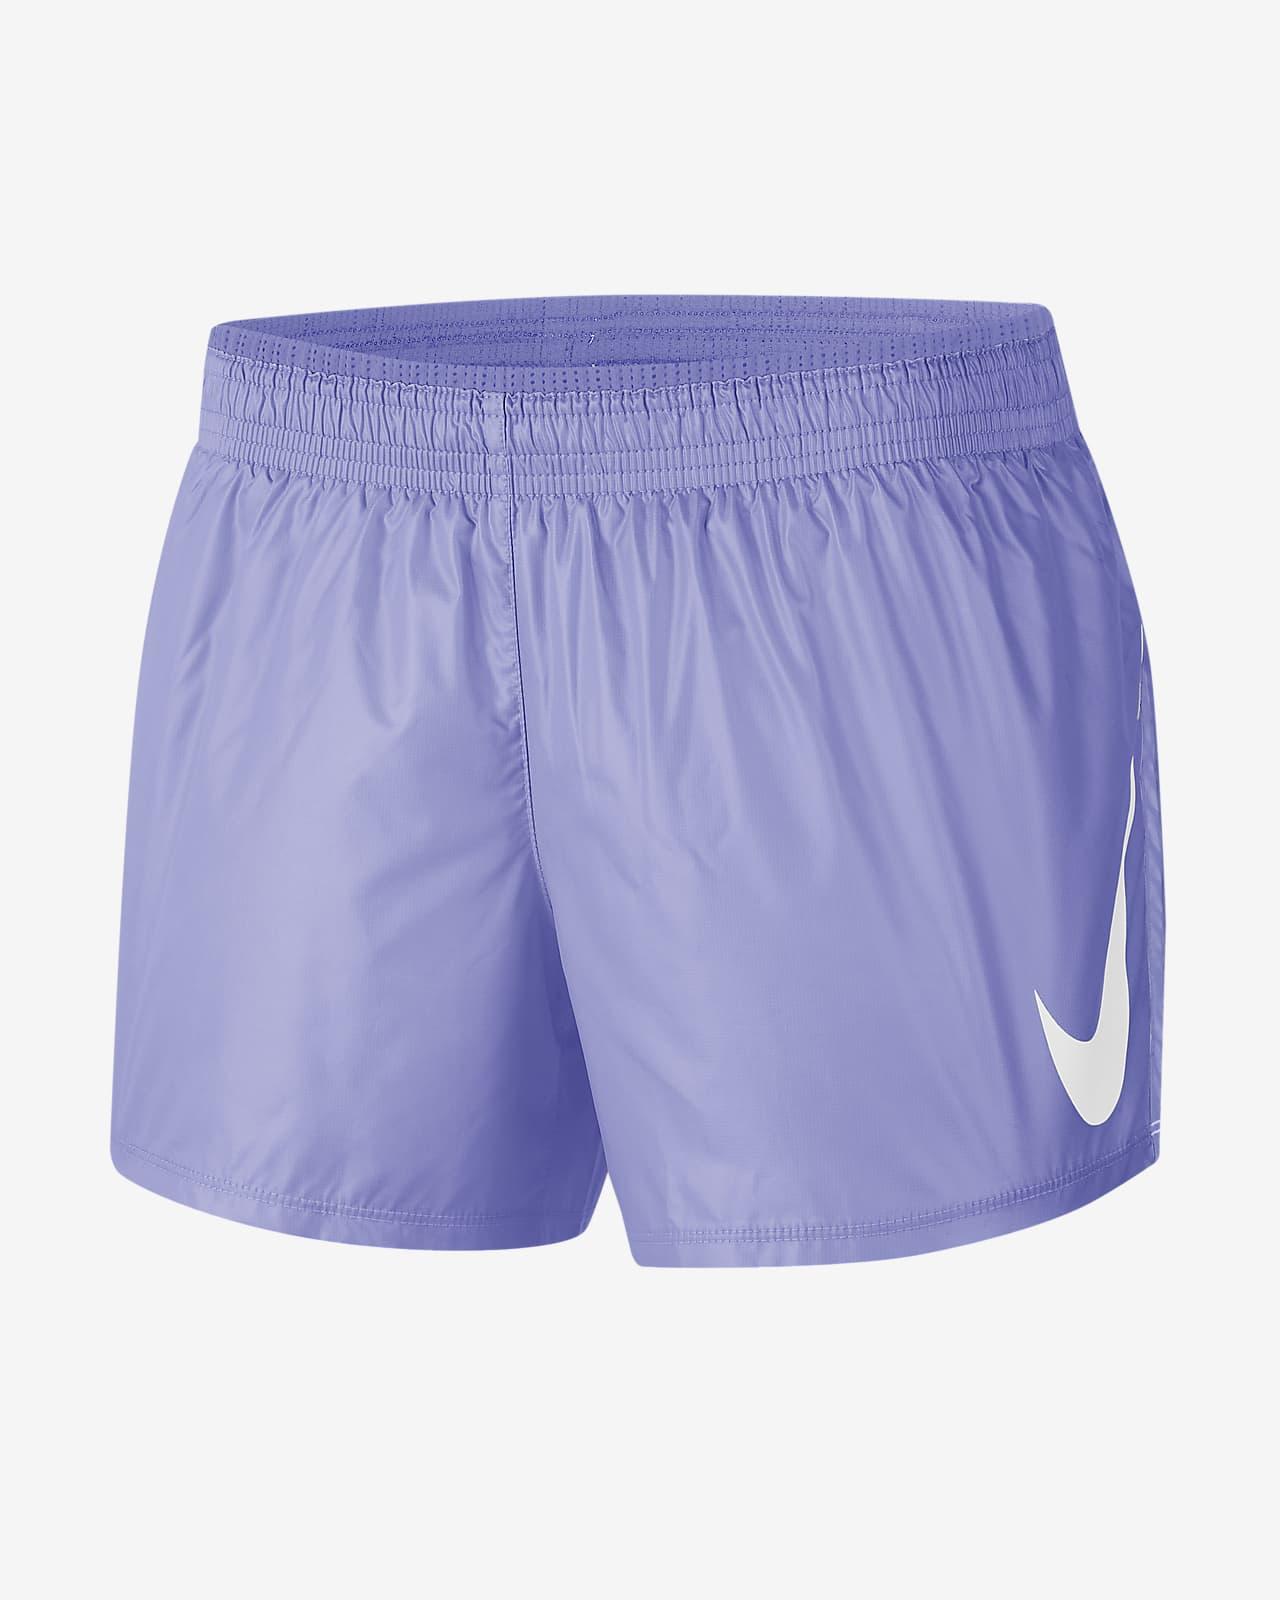 Nike-løbeshorts til kvinder